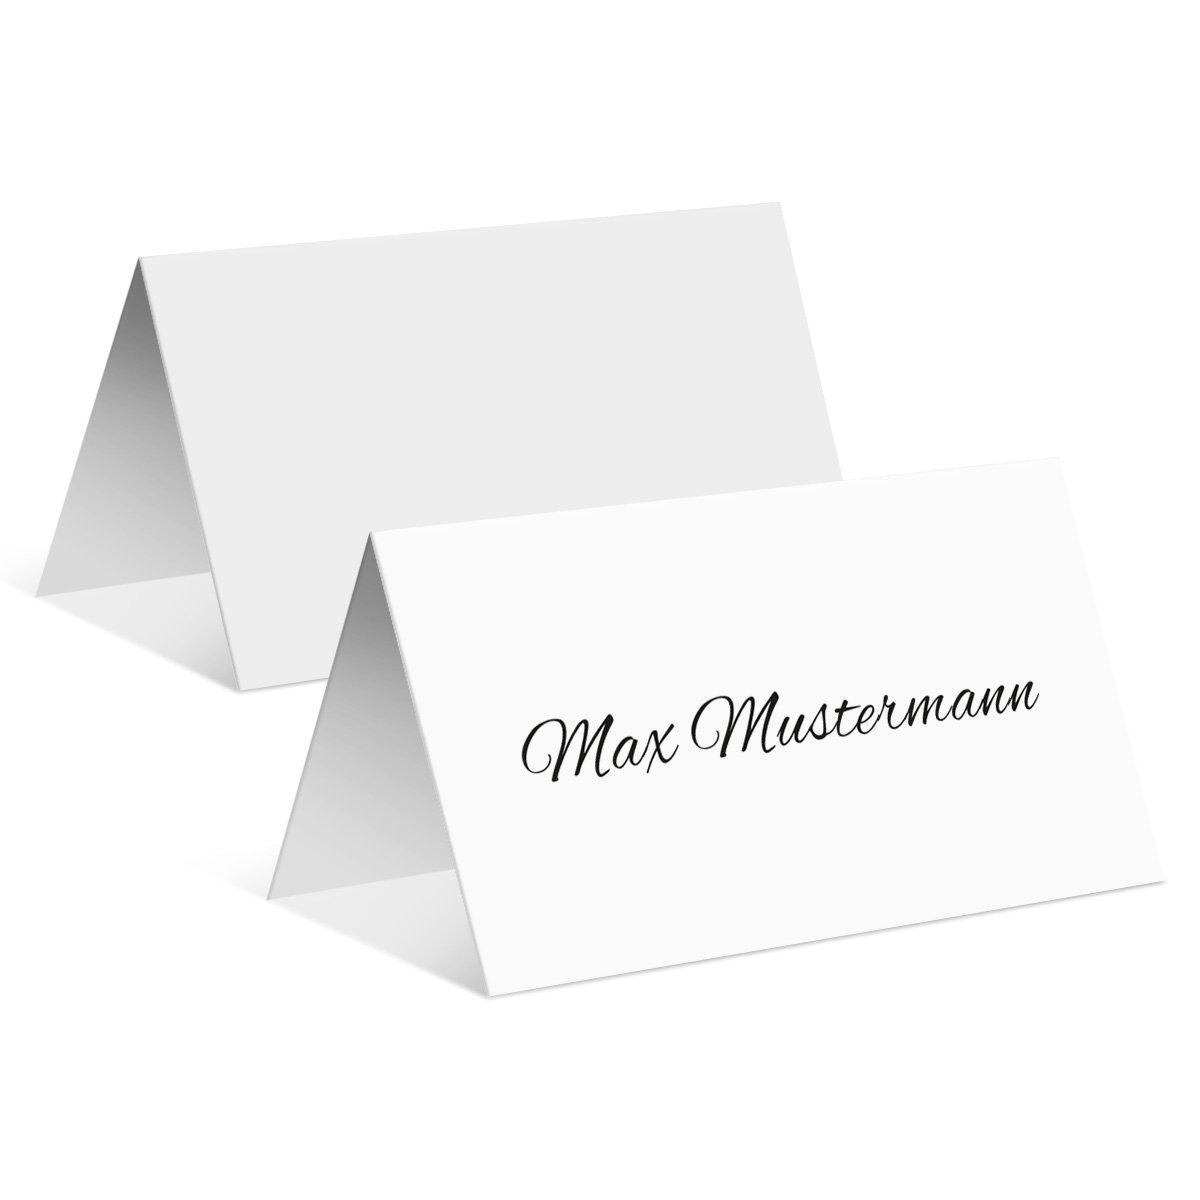 Tischkarten Hochzeit (50 Stück) - Schlicht in Weiß - Platzkarten Namenskarten B01MYZR7A4   Hohe Qualität und geringer Aufwand    Ausgezeichnet    Große Ausverkauf